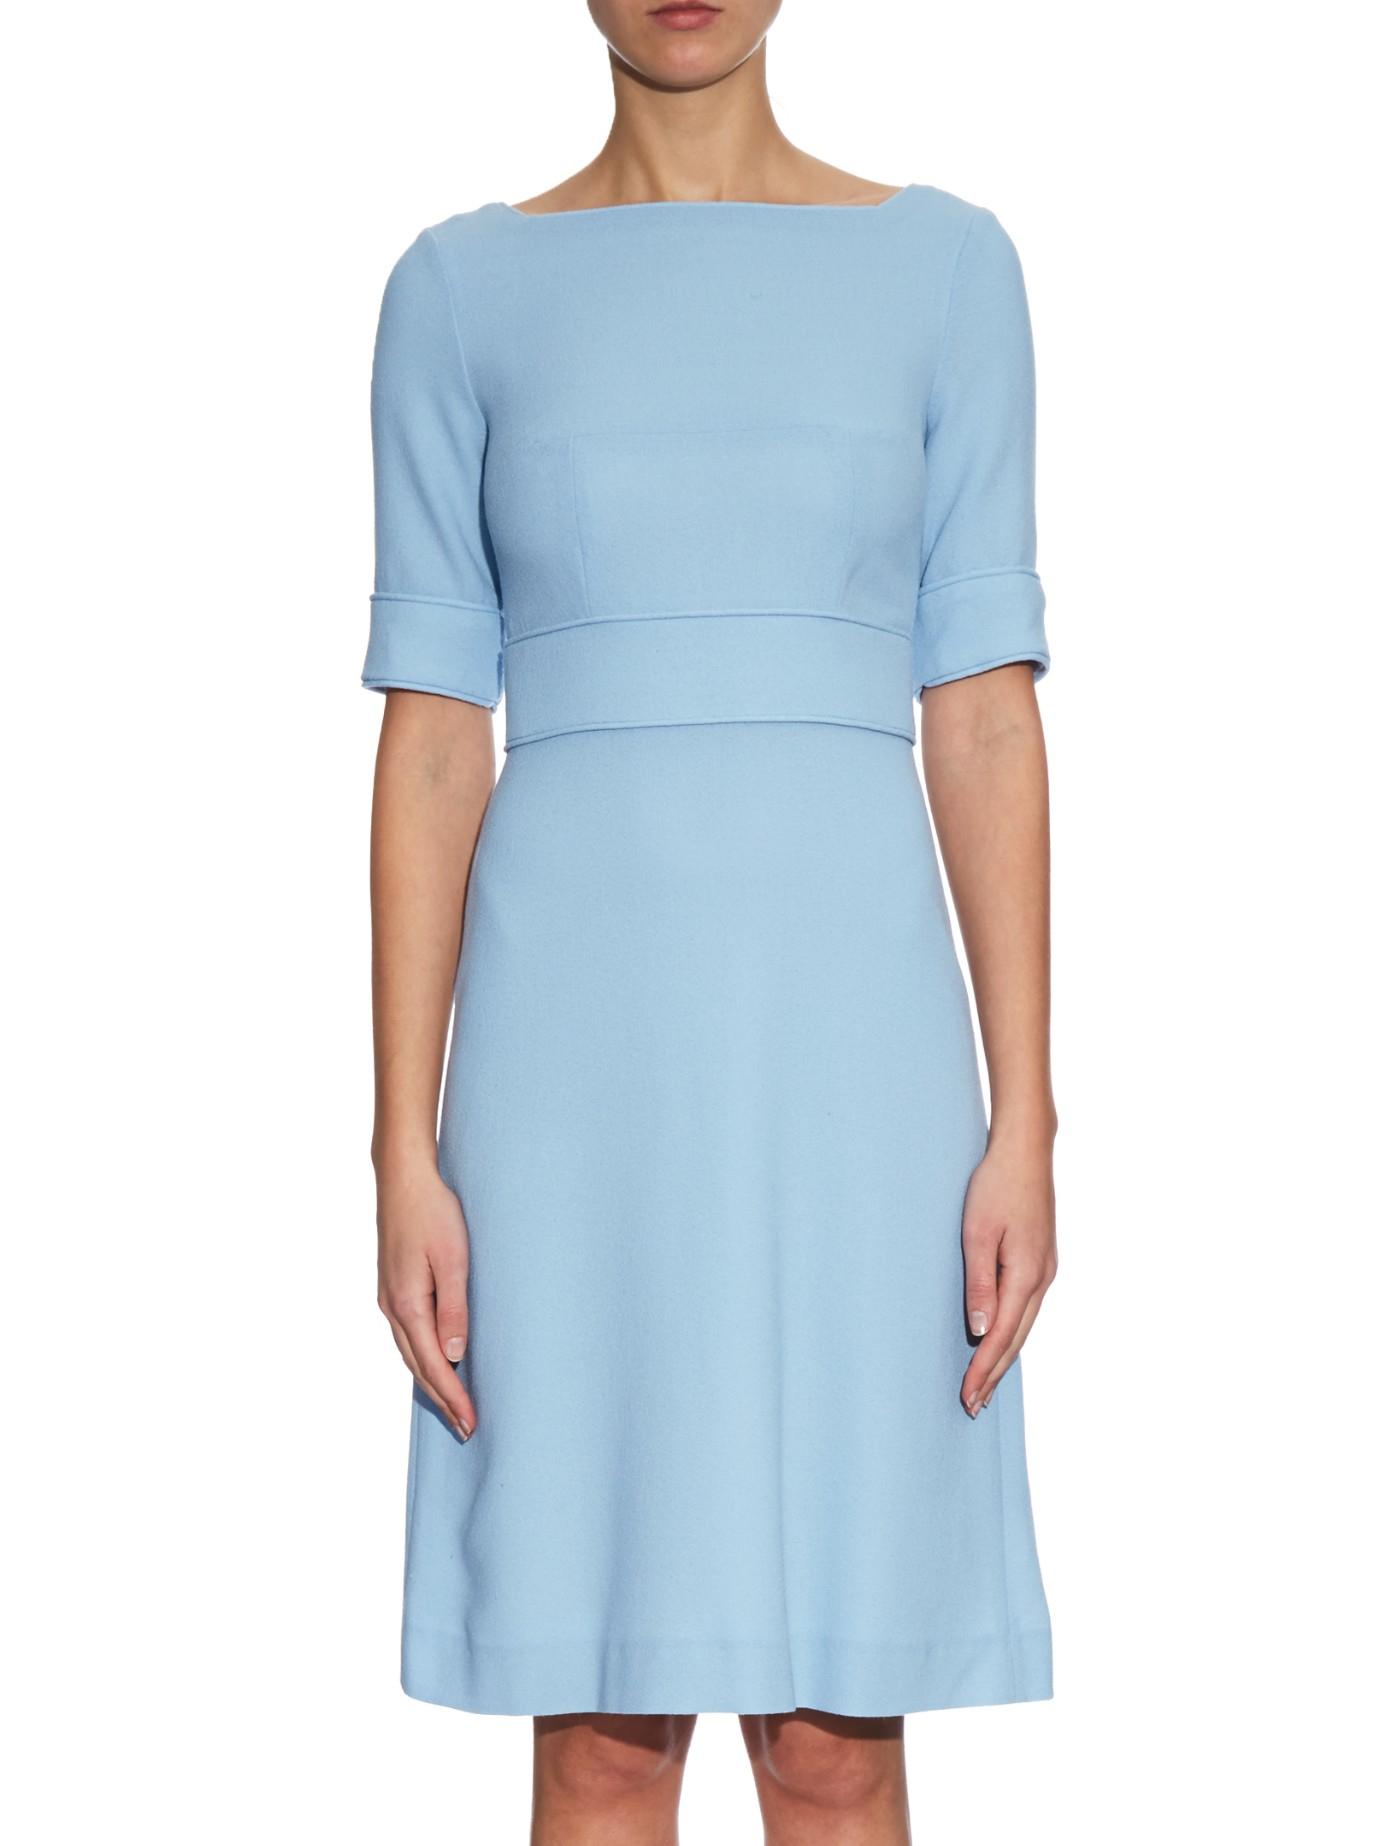 f05be6c4b5d Goat Berkley Wool-crepe Dress in Blue - Lyst